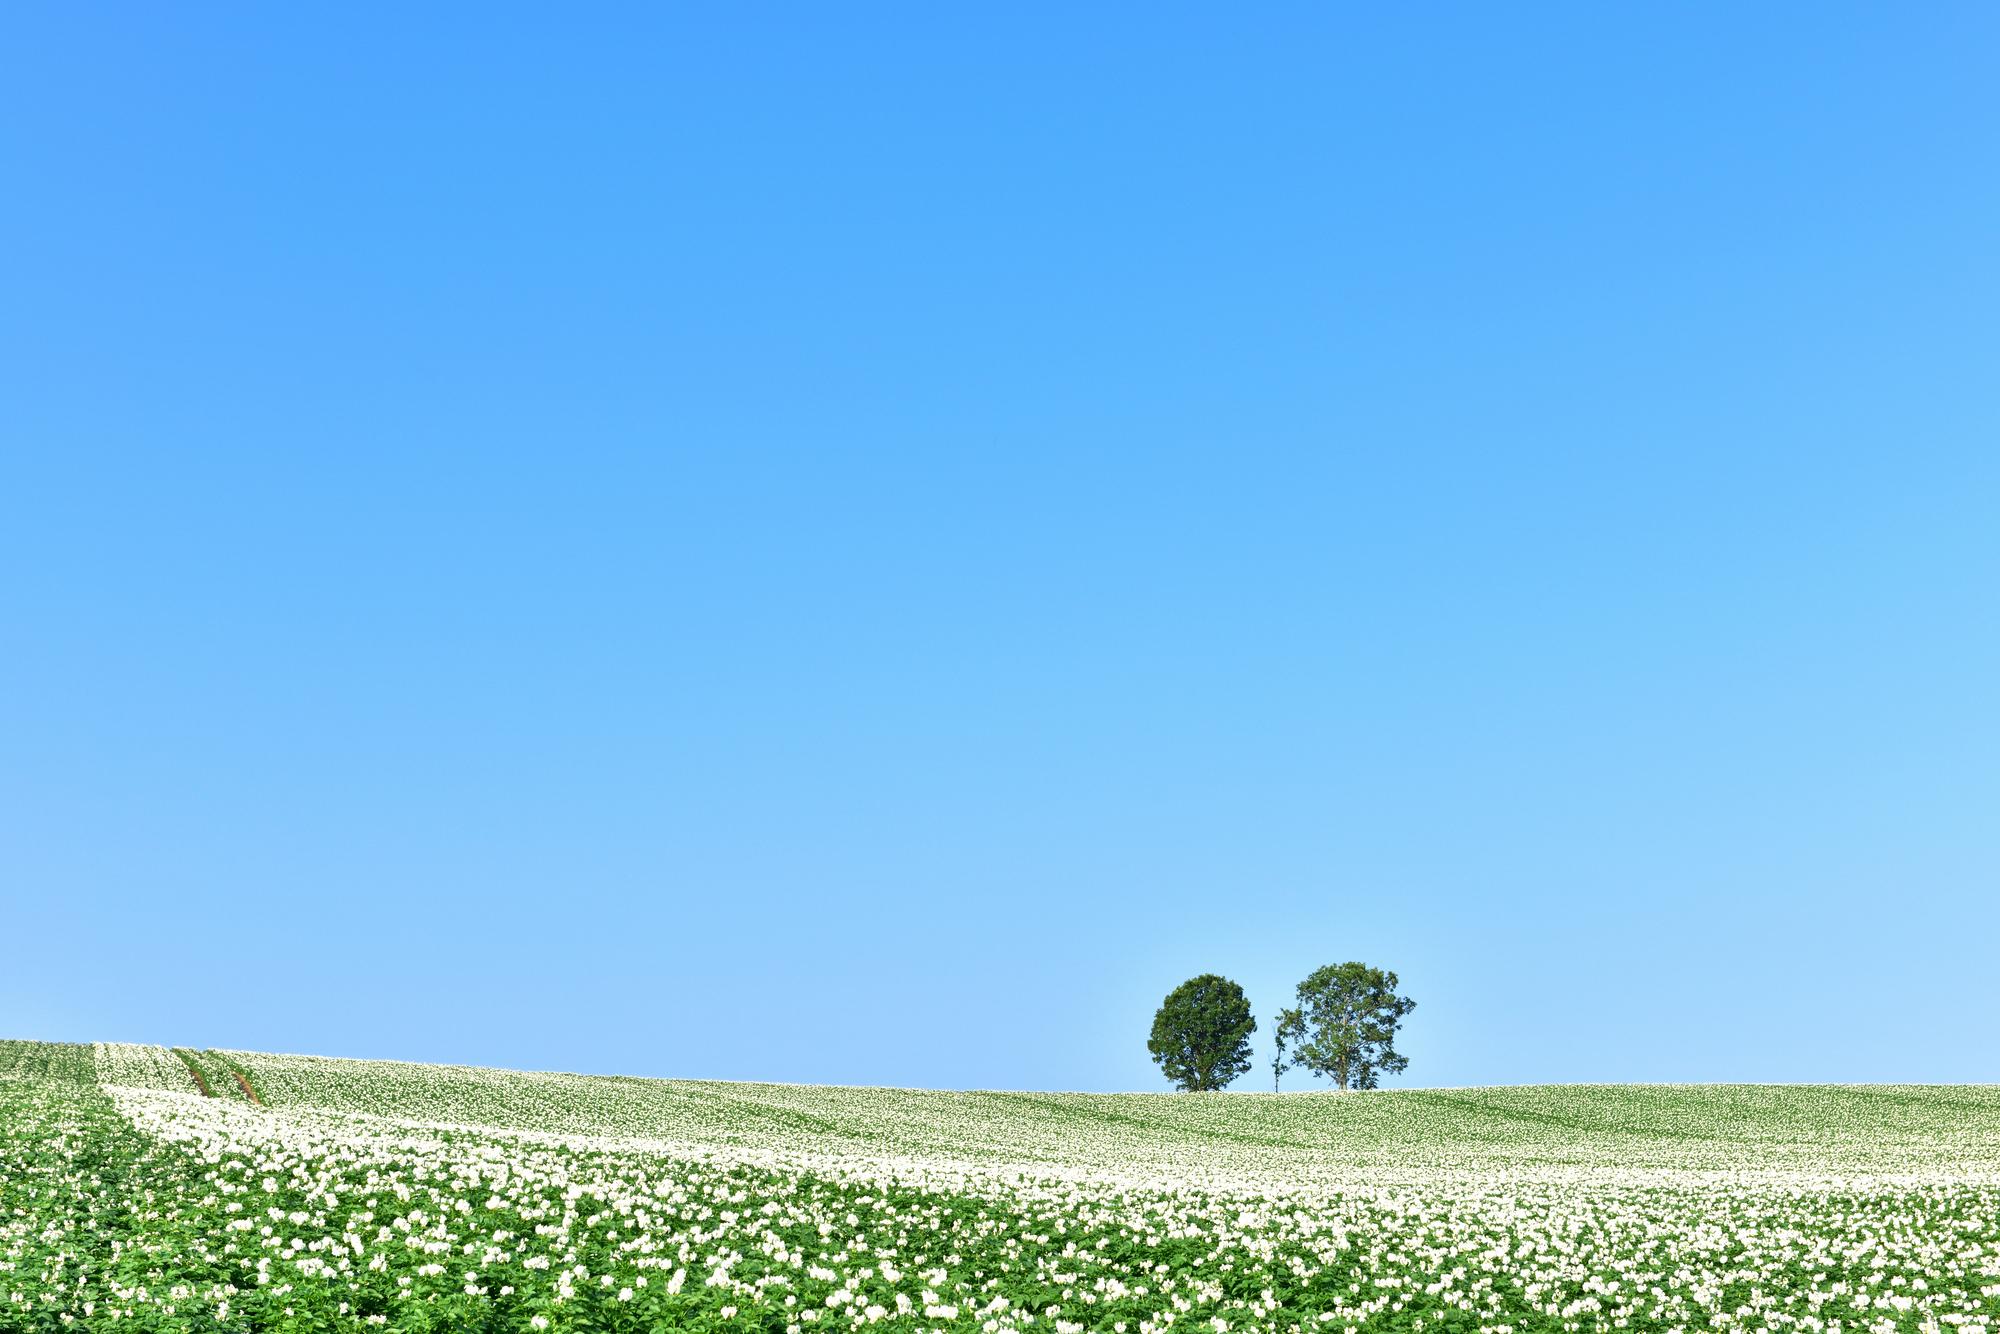 親子の木とジャガイモ畑